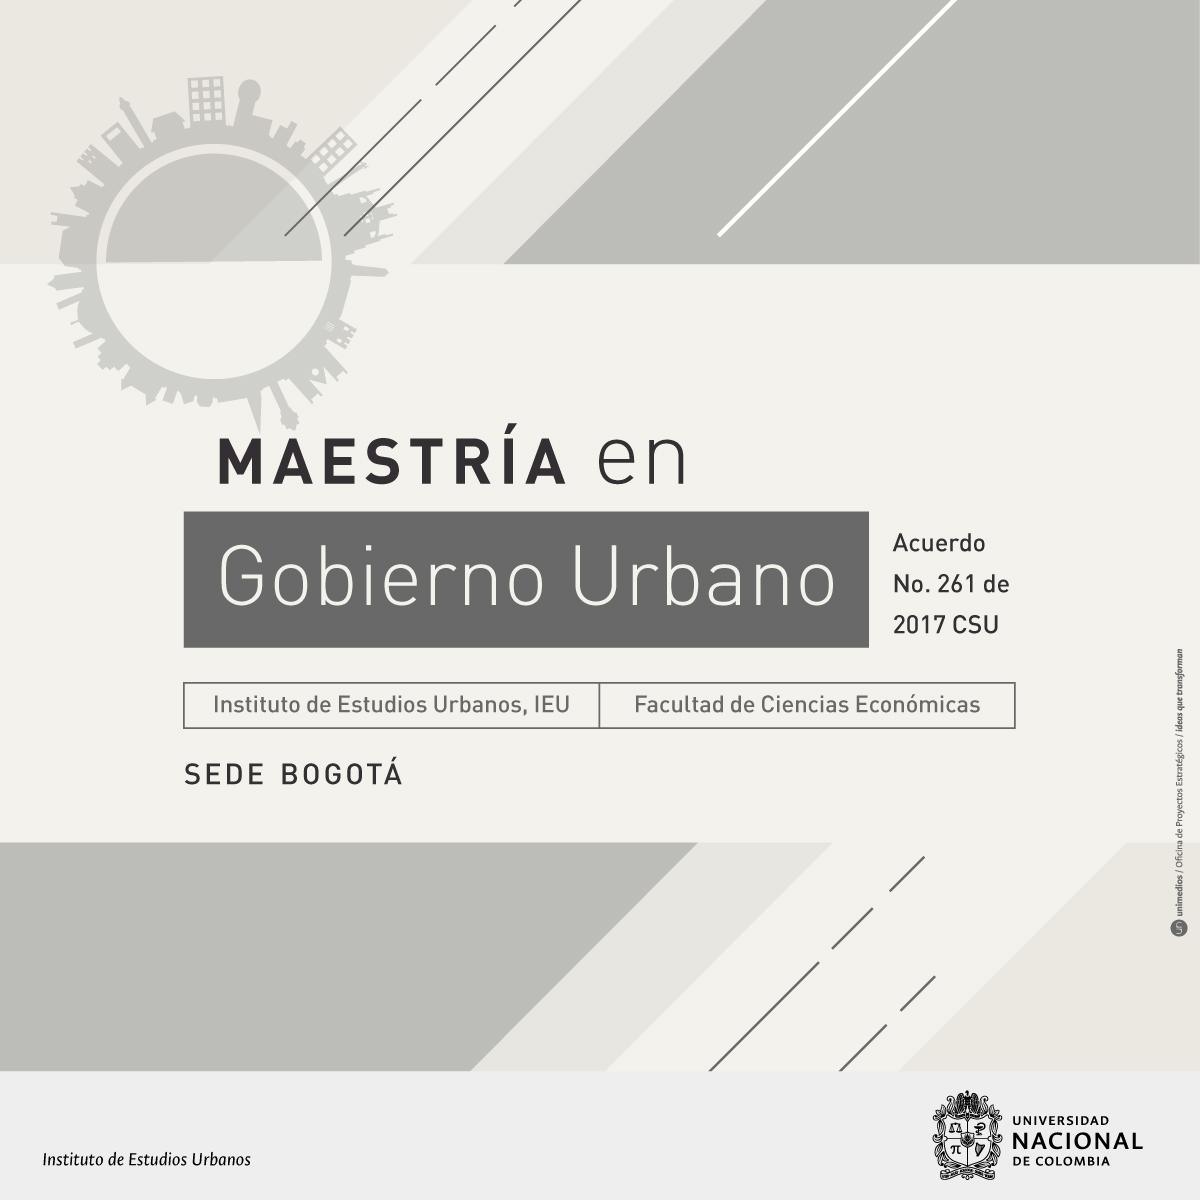 Maestría en Gobierno Urbano